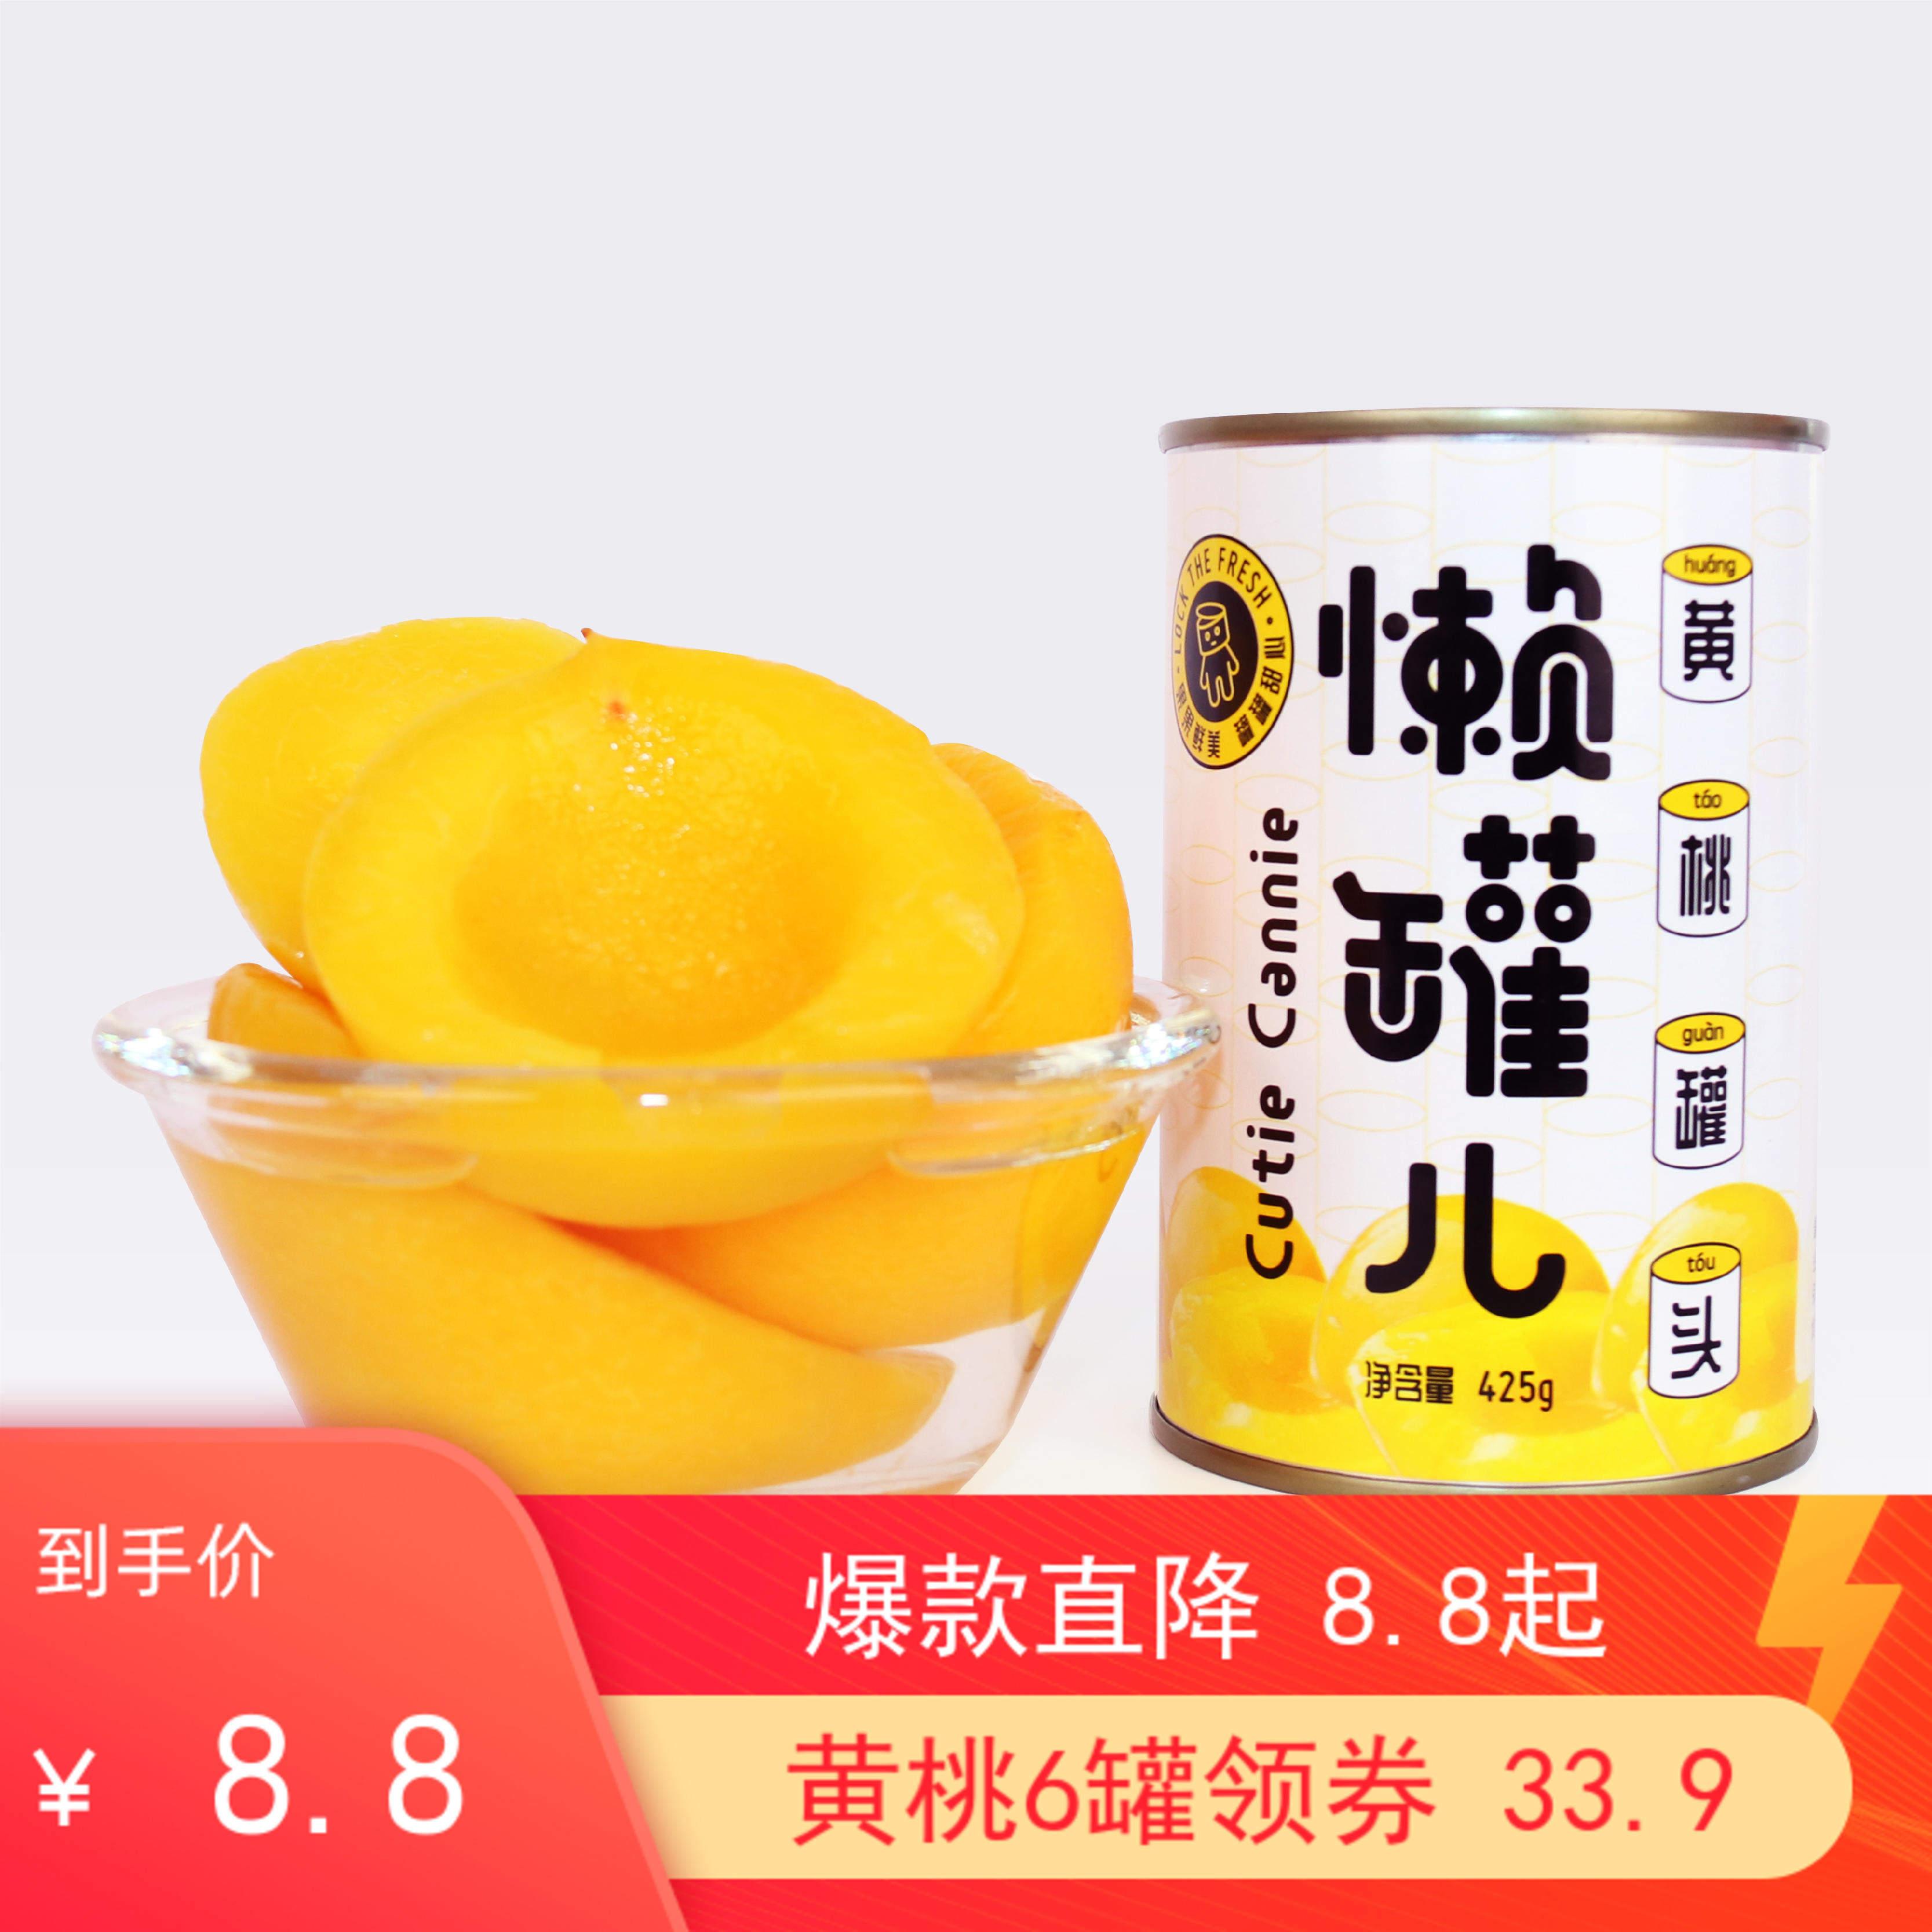 新款懶罐兒碭山黃桃425gx6罐新鮮糖水水果罐頭即食送禮零食整箱